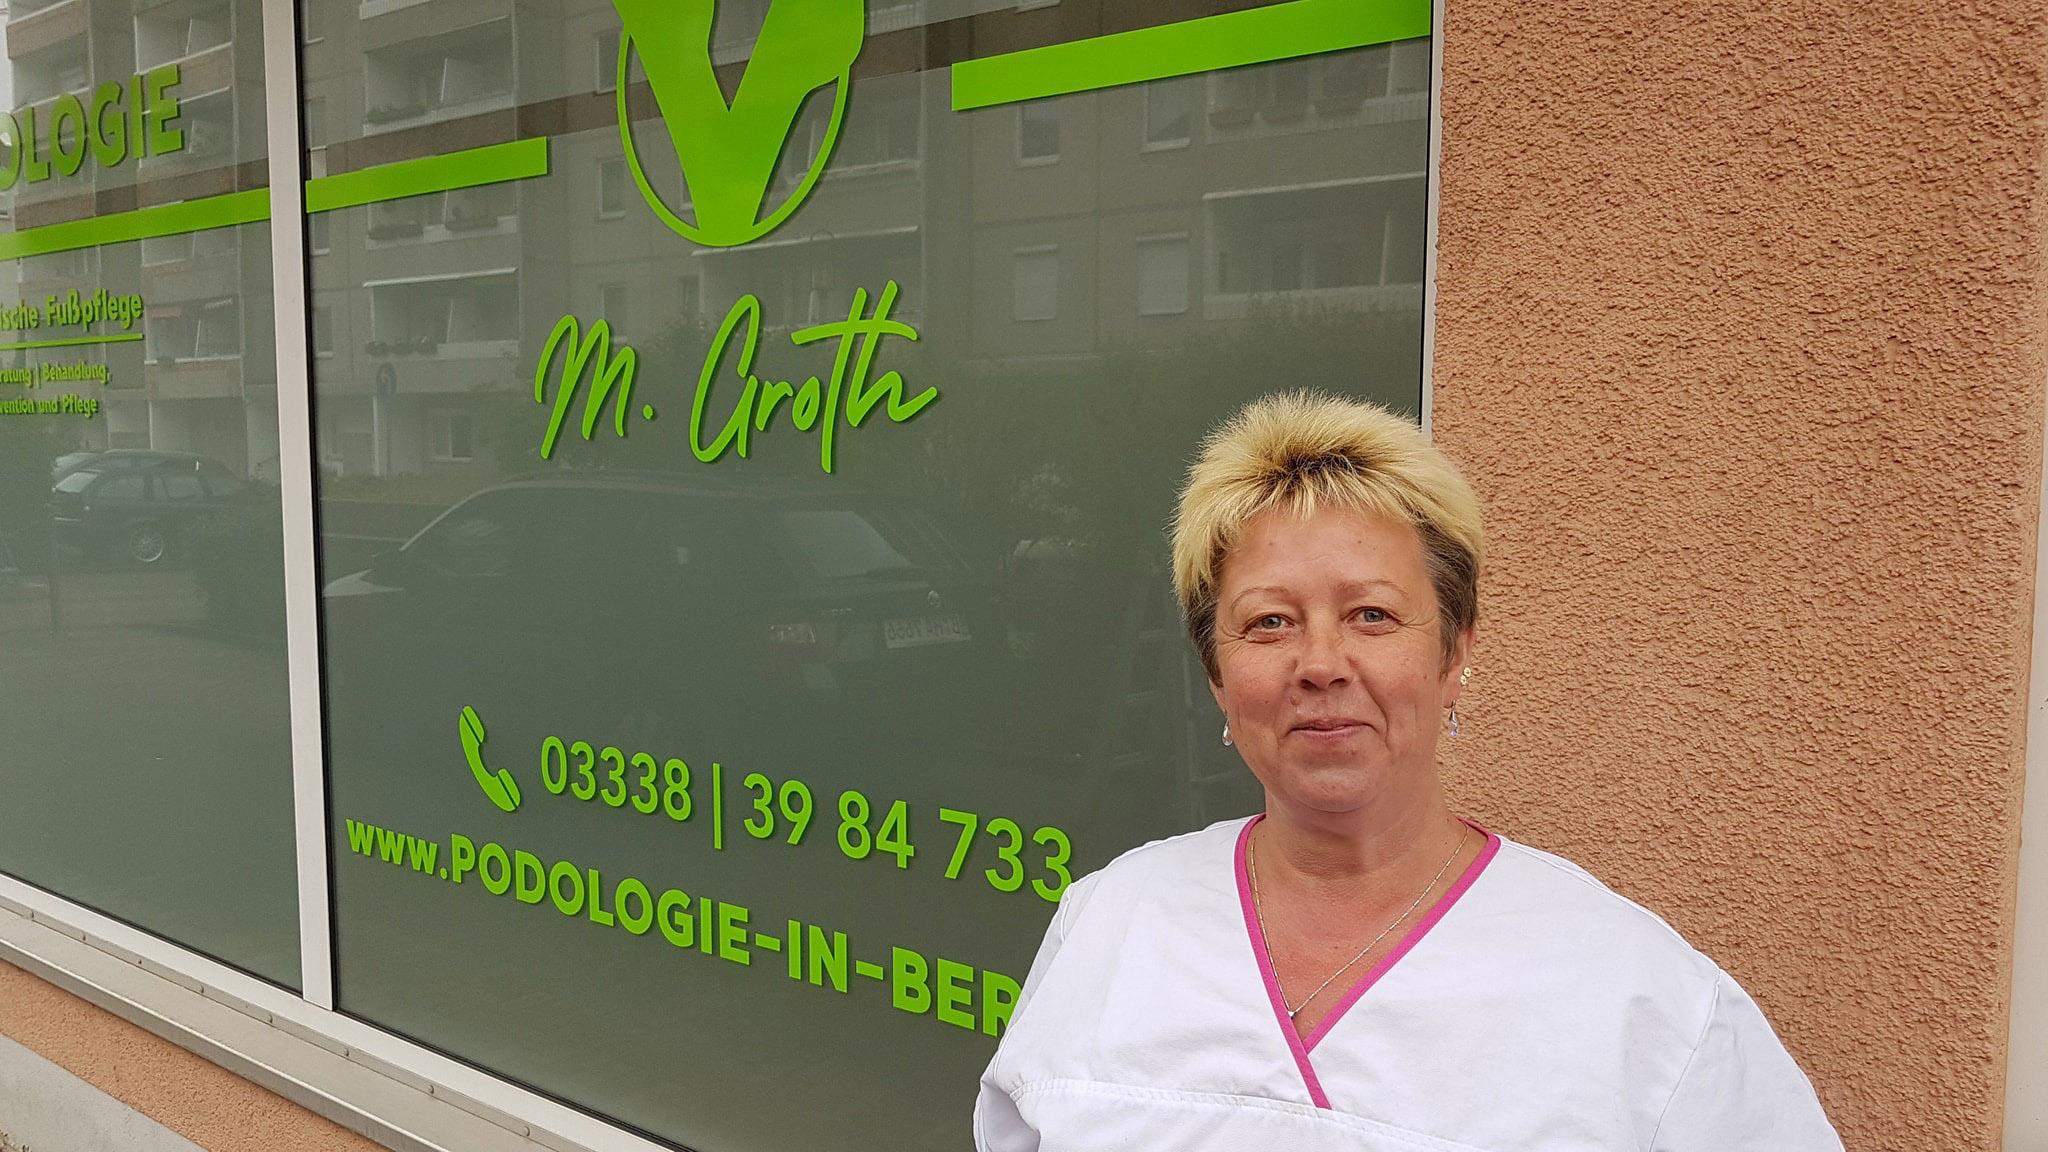 Podologie und medizinische Fusspflege von Manuela Groth in Bernau bei Berlin